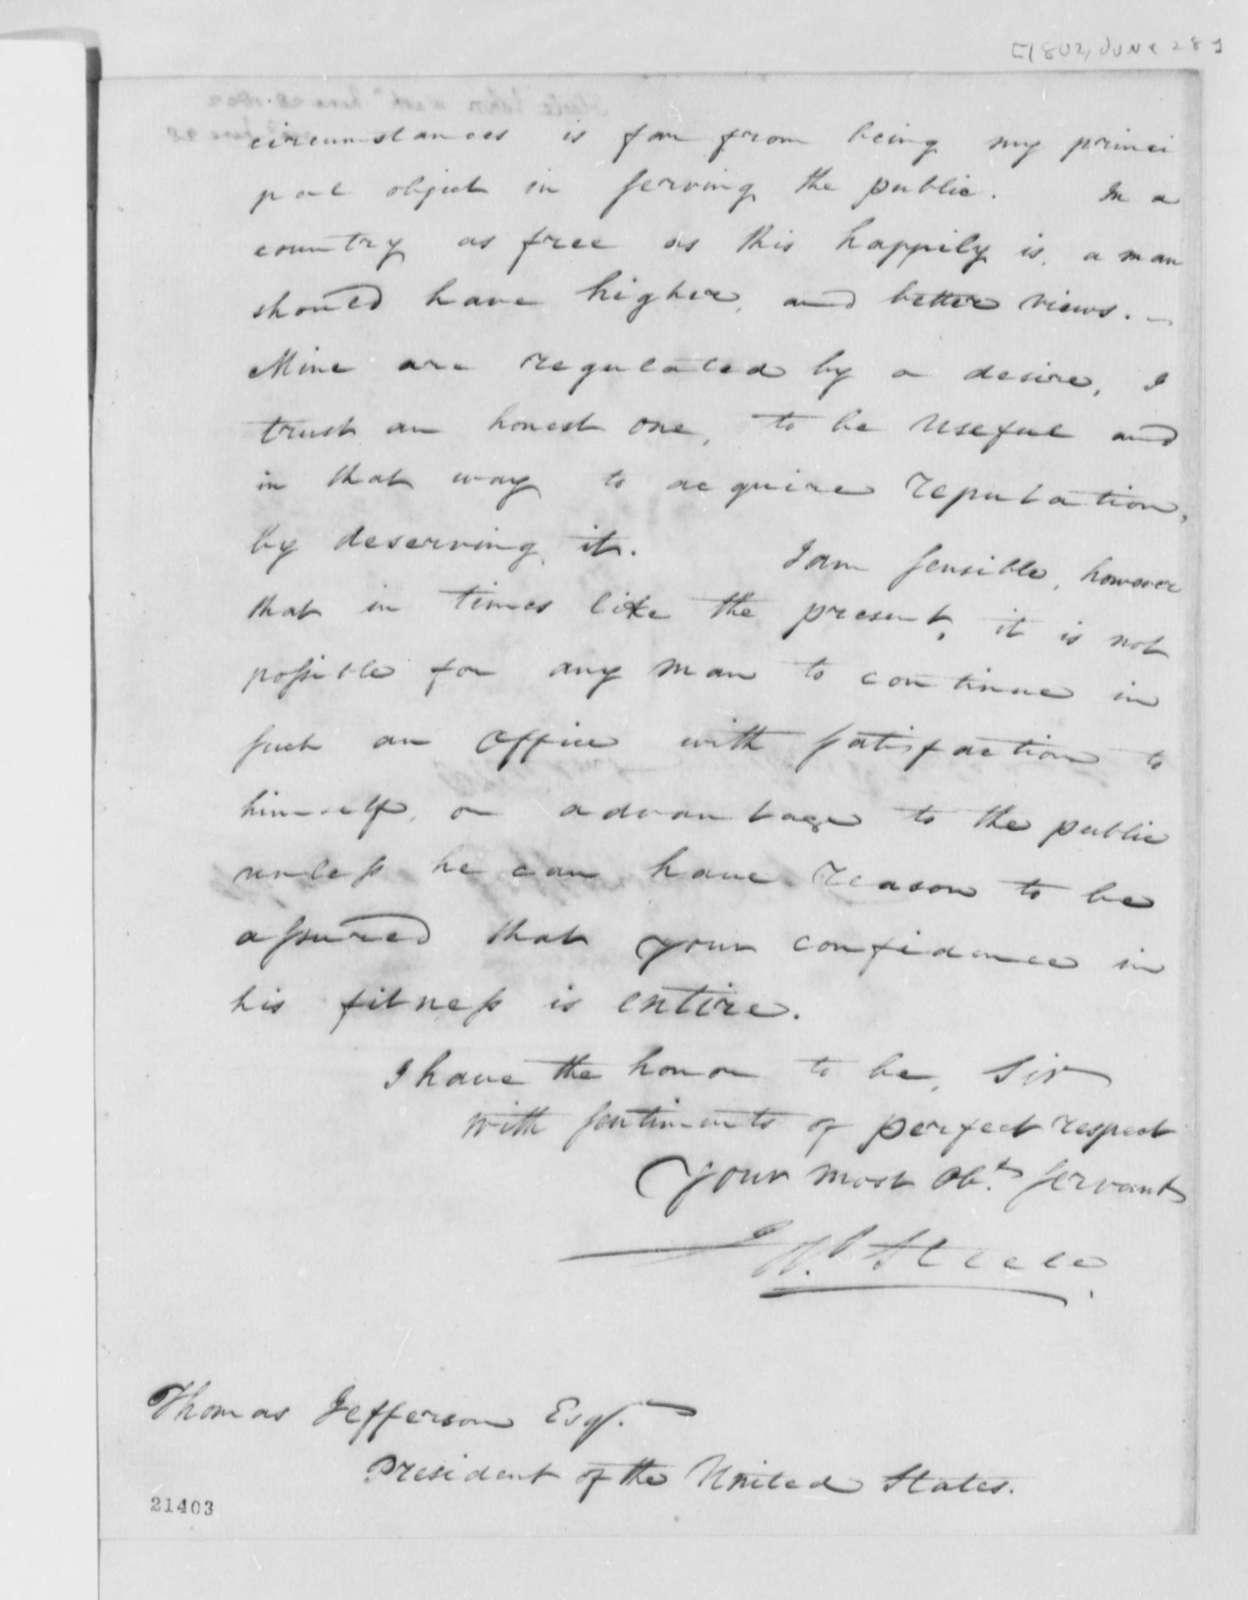 John Steele to Thomas Jefferson, June 28, 1802